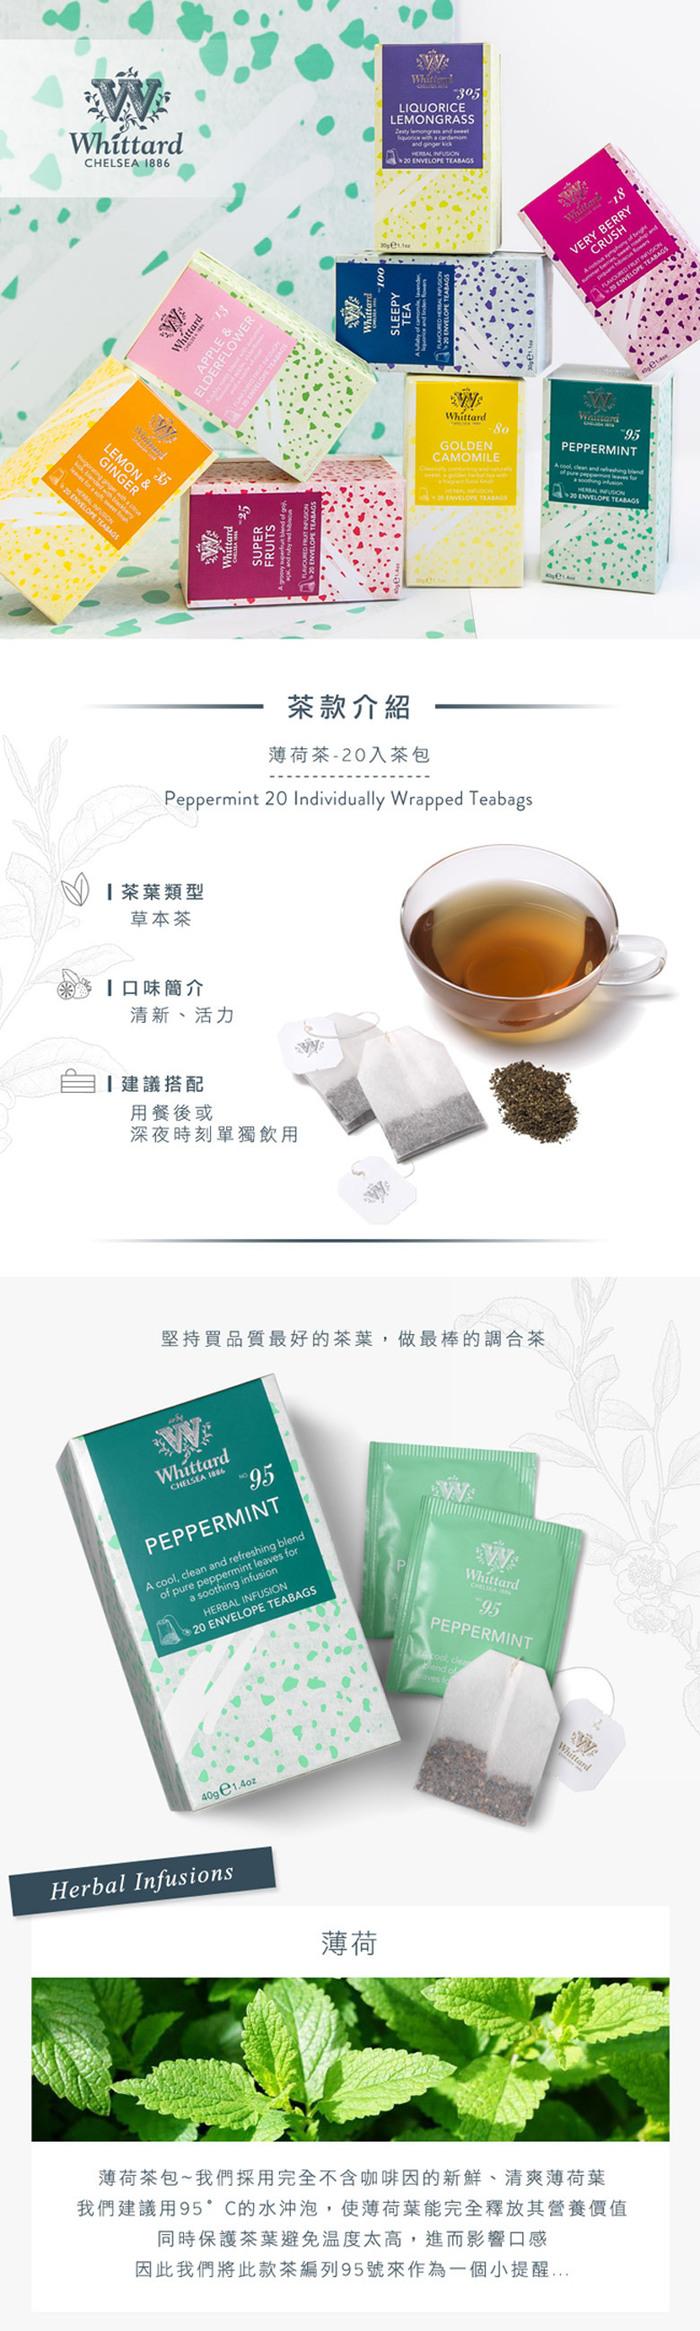 (複製)Whittard|經典英式紅茶饗宴禮盒